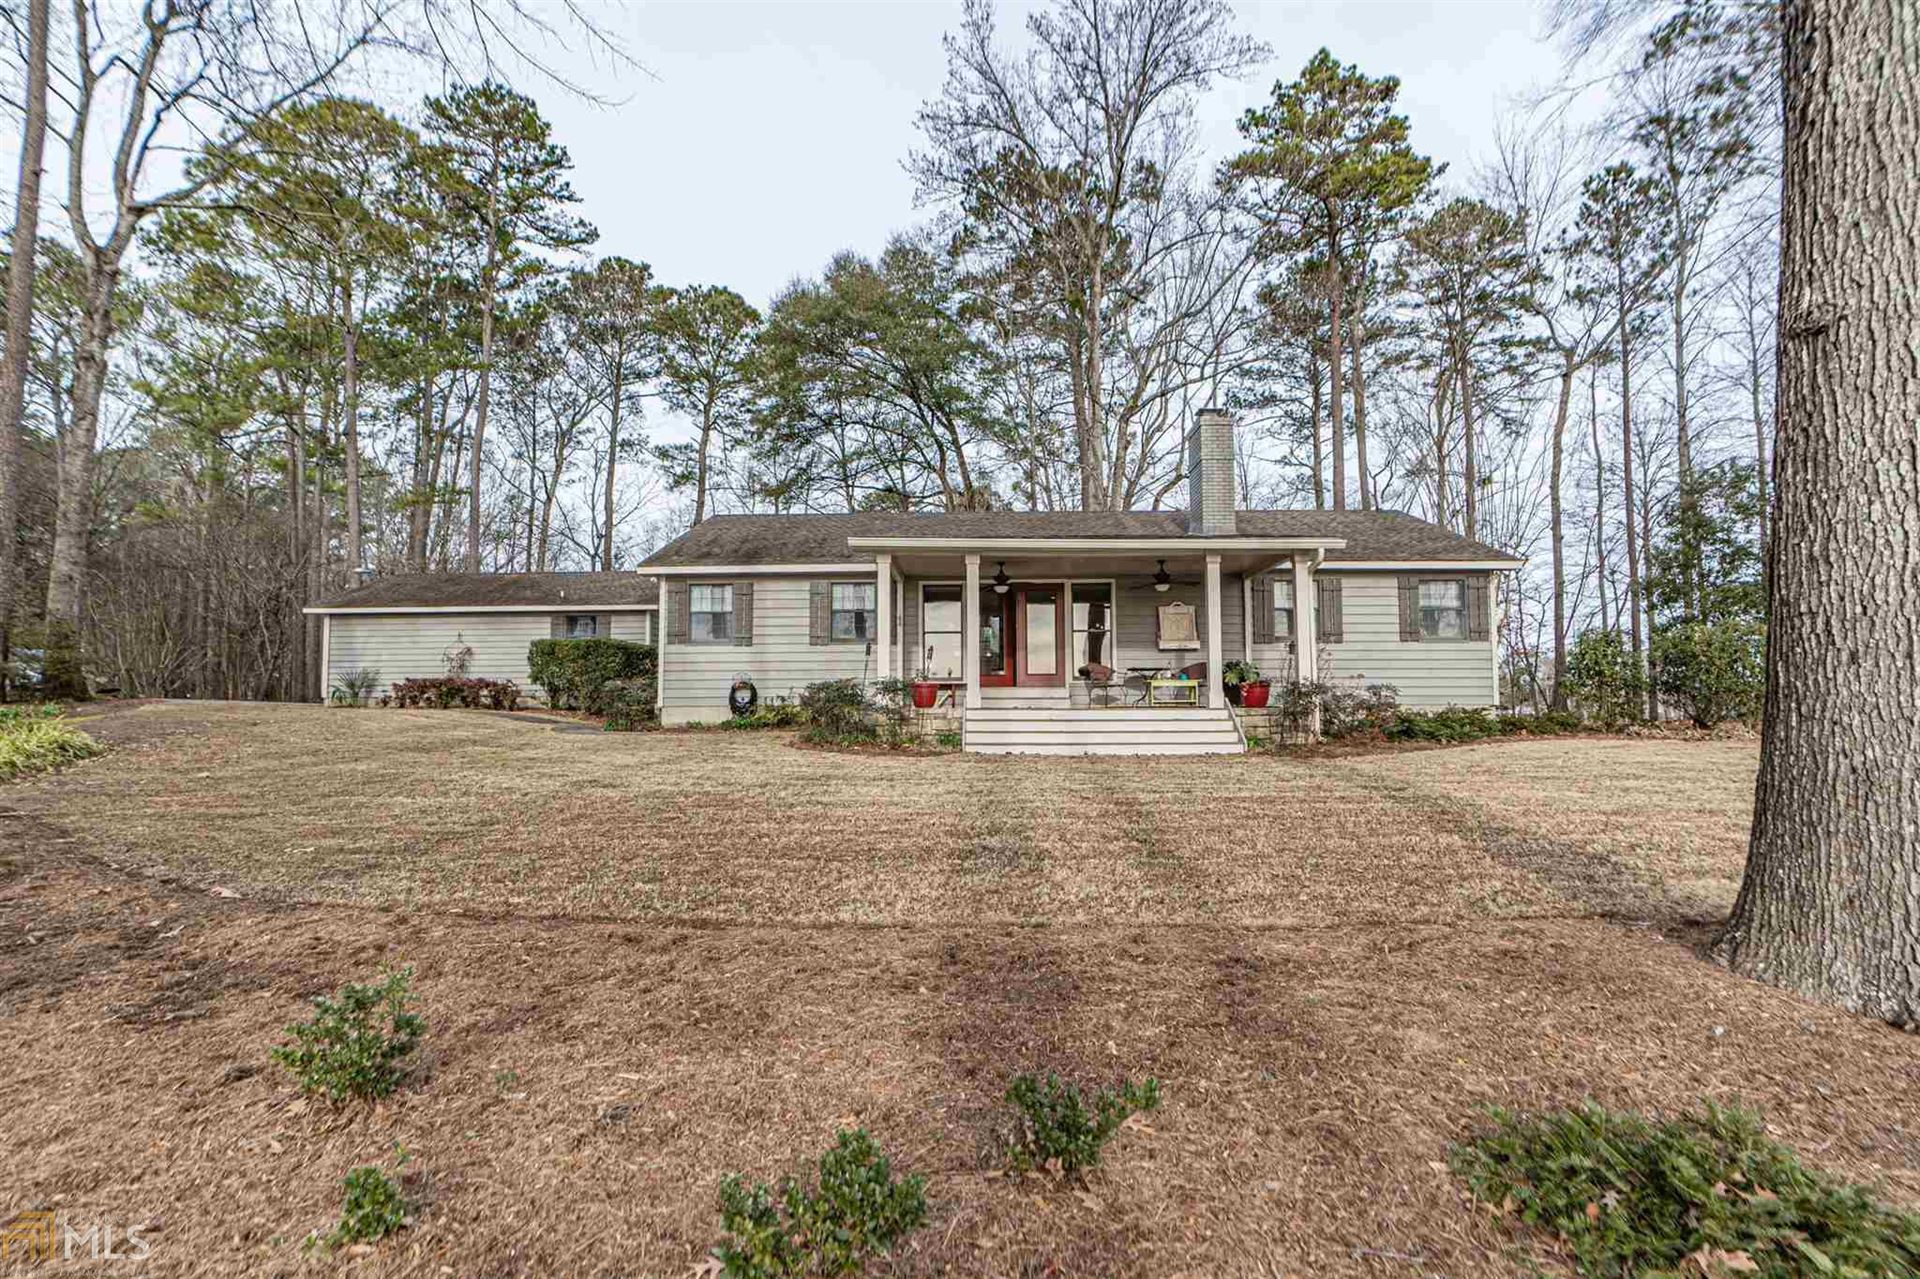 Photo of 1010 Apalachee Woods Trl, Buckhead, GA 30625 (MLS # 8924642)